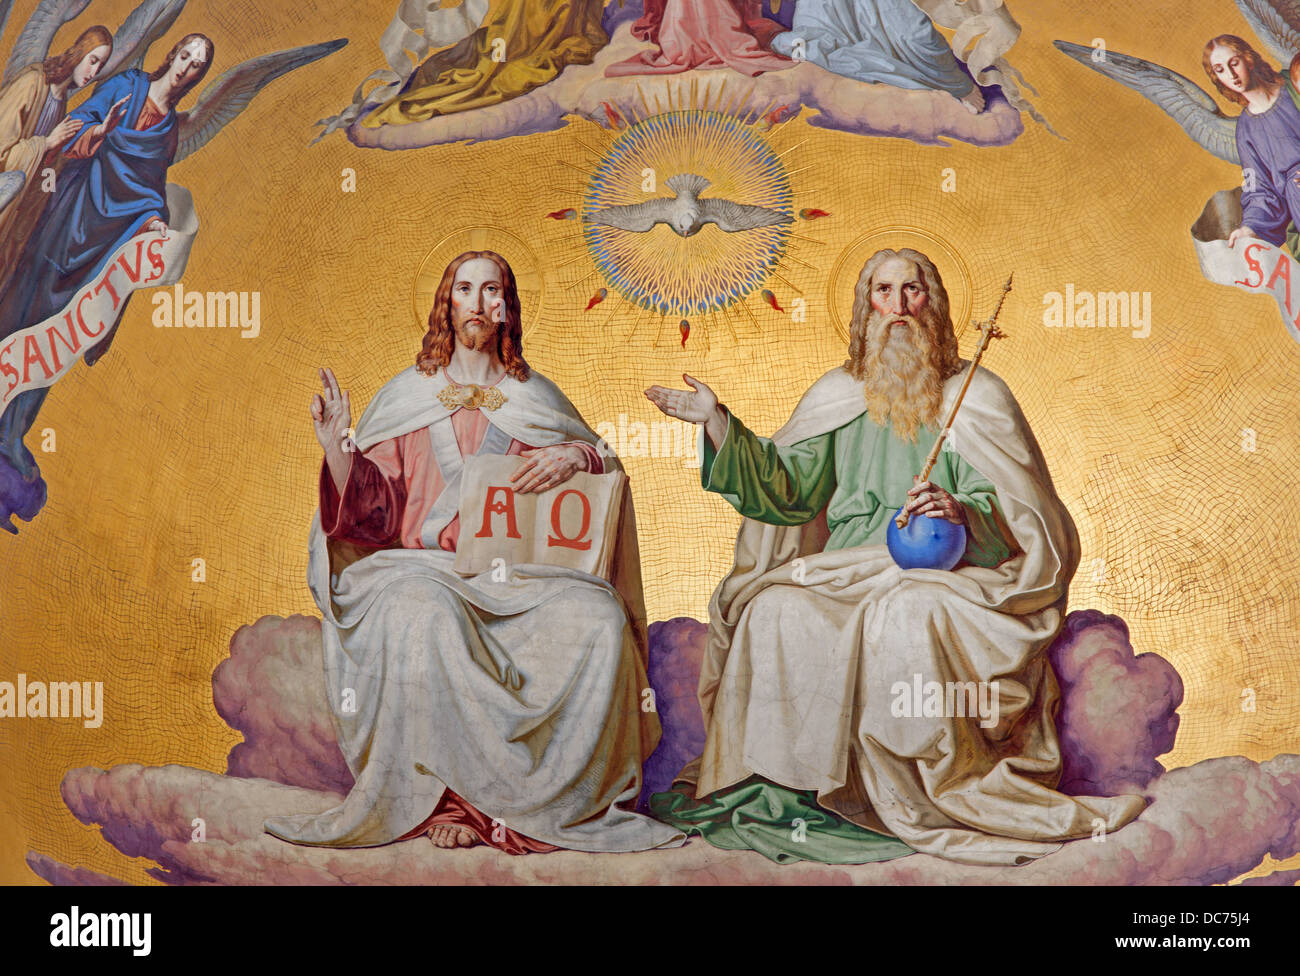 Vienne - 27 juillet: Sainte Trinité. Détail de fresque de scène d'apocalypse de 19. 100. Photo Stock